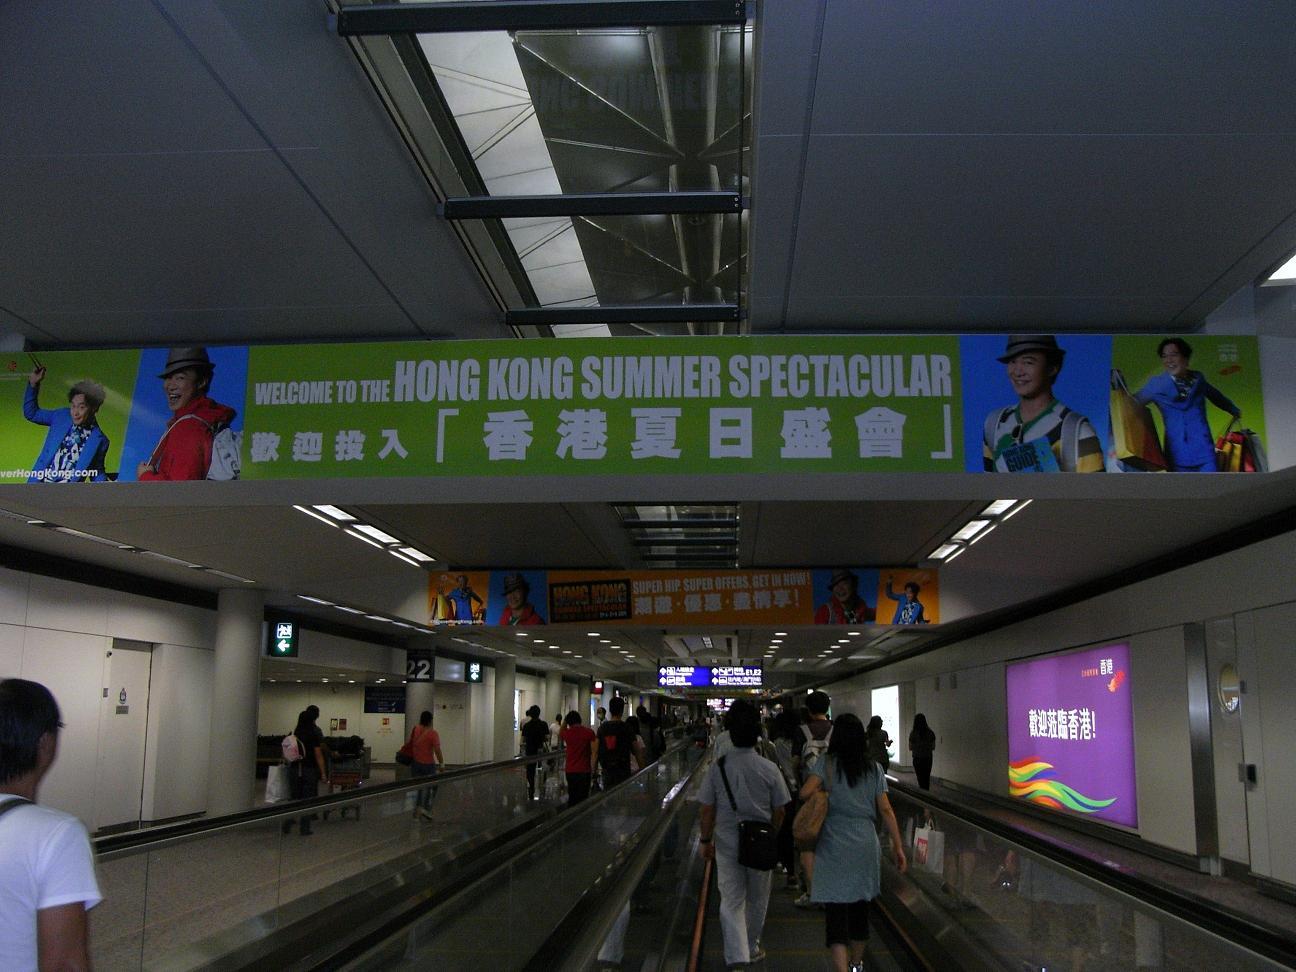 ようこそ香港